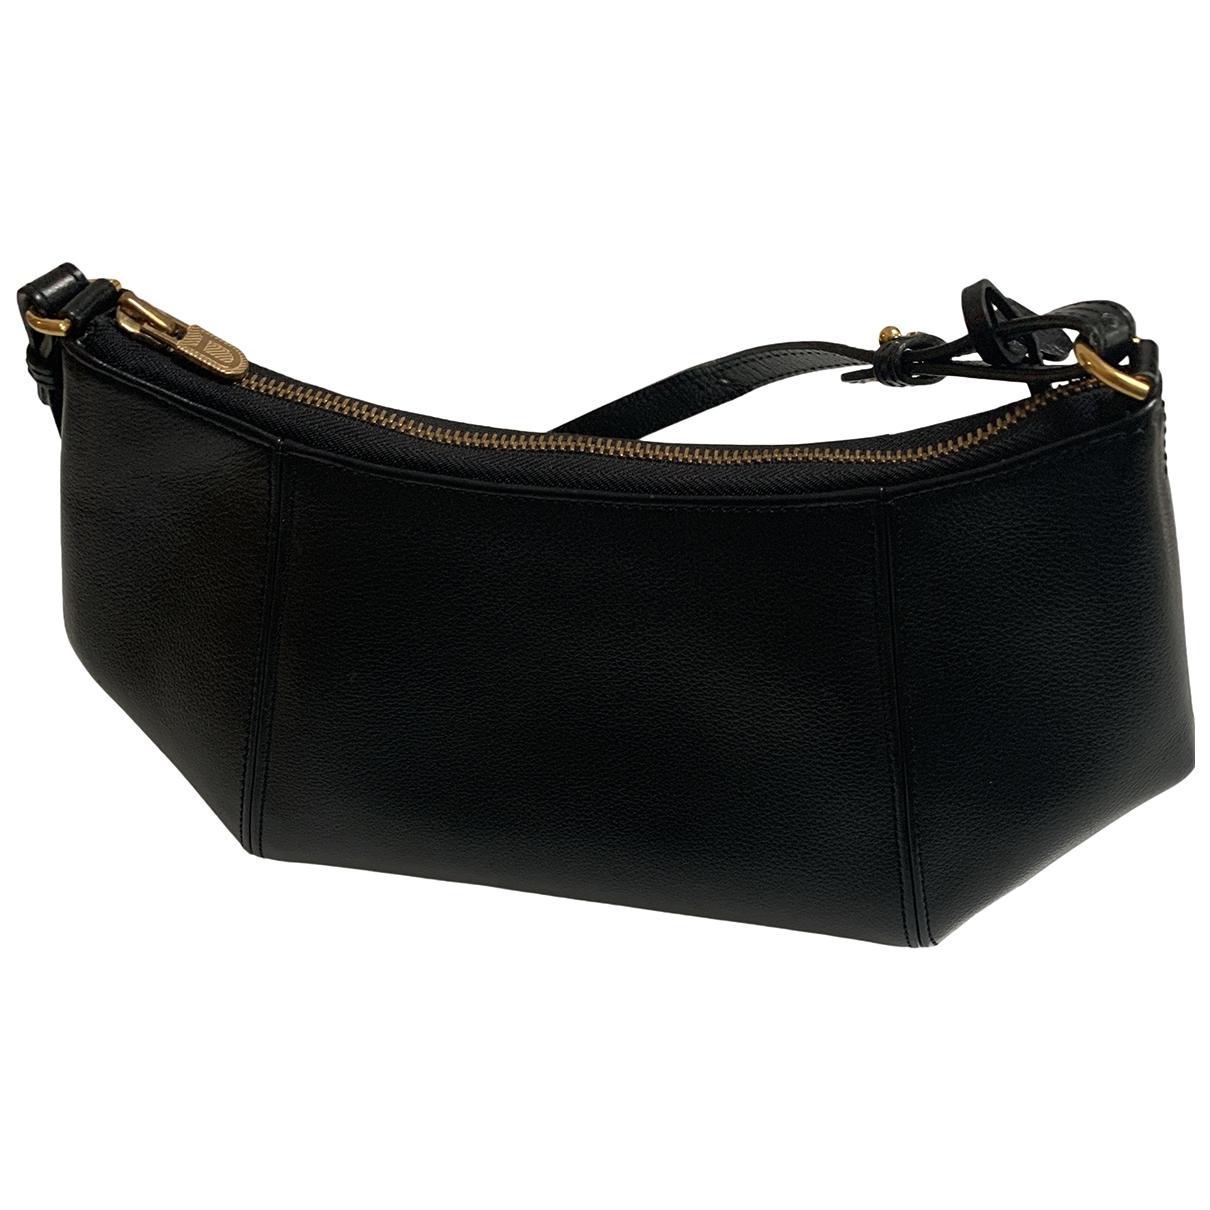 Delvaux - Sac a main   pour femme en cuir - noir